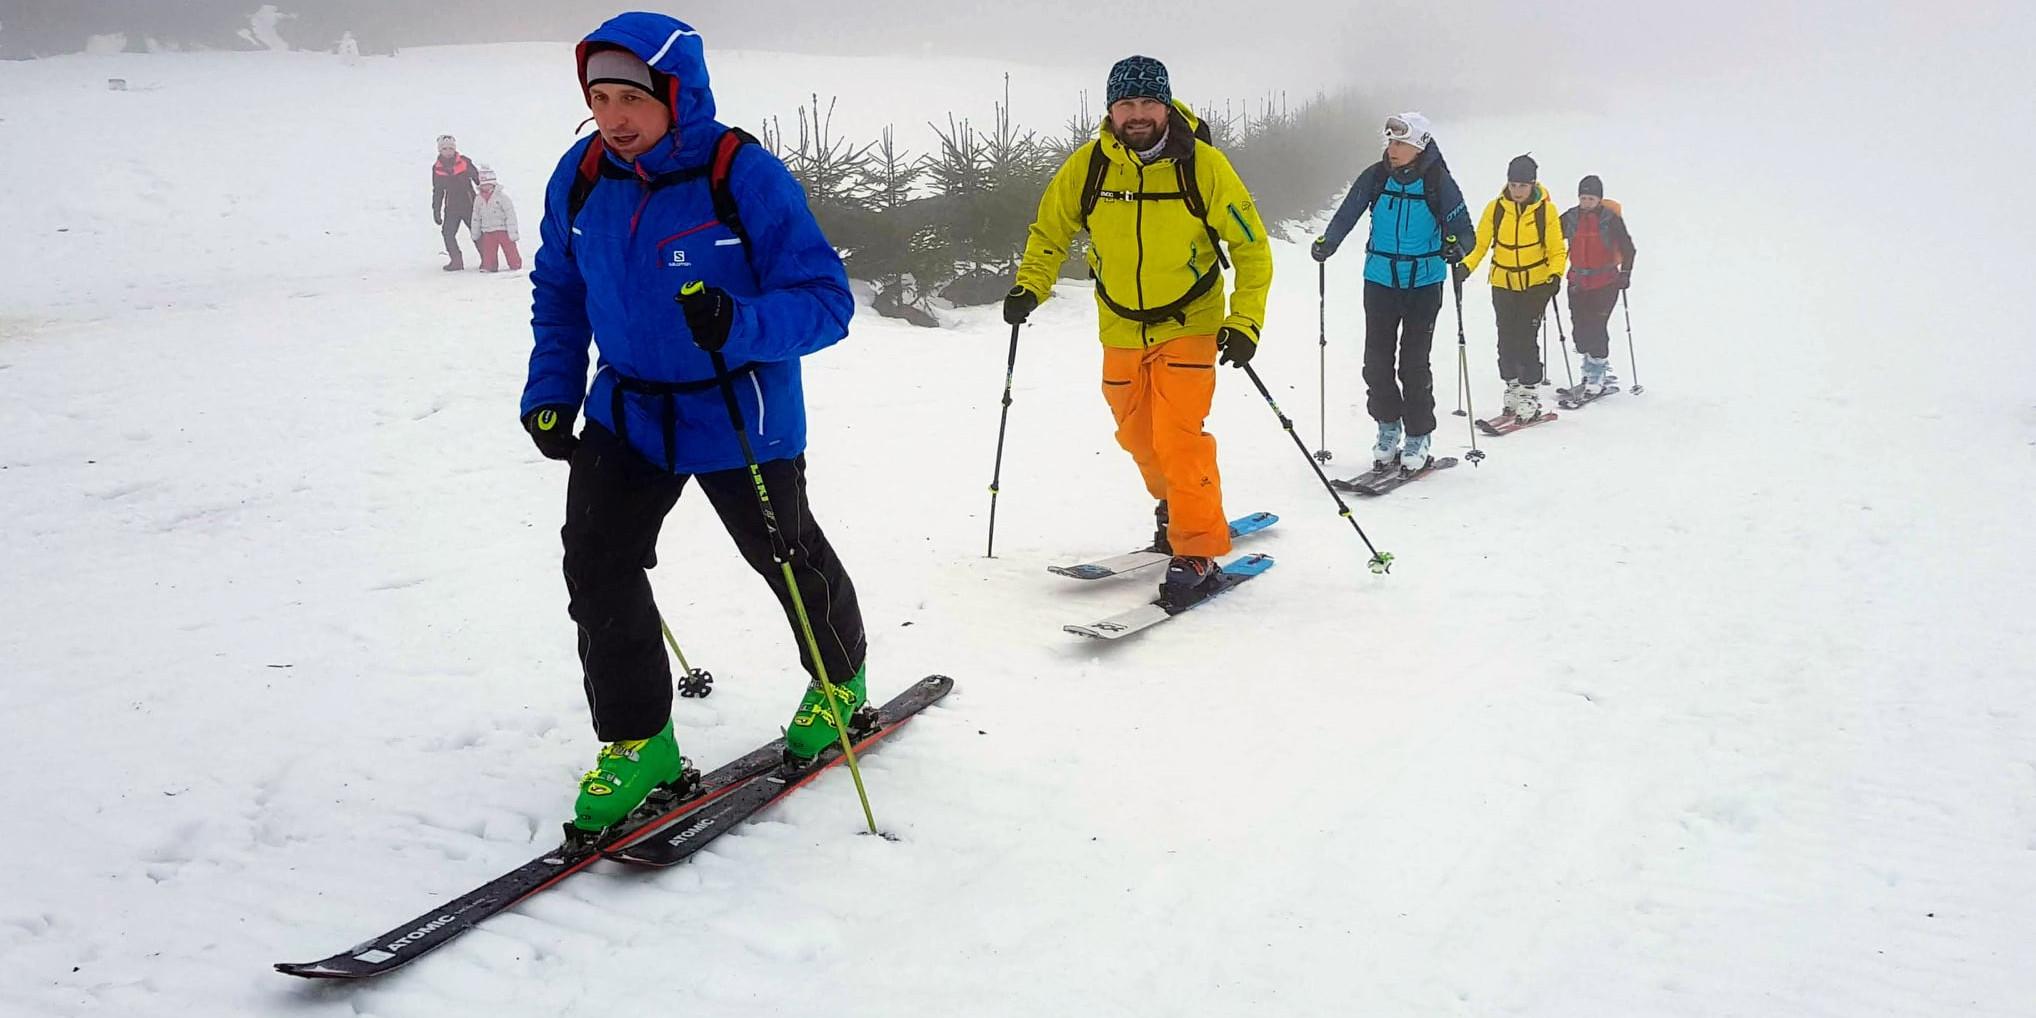 Skialpinismus dává obrovský pocit svobody, říkají ti, kdo jej vyzkoušeli